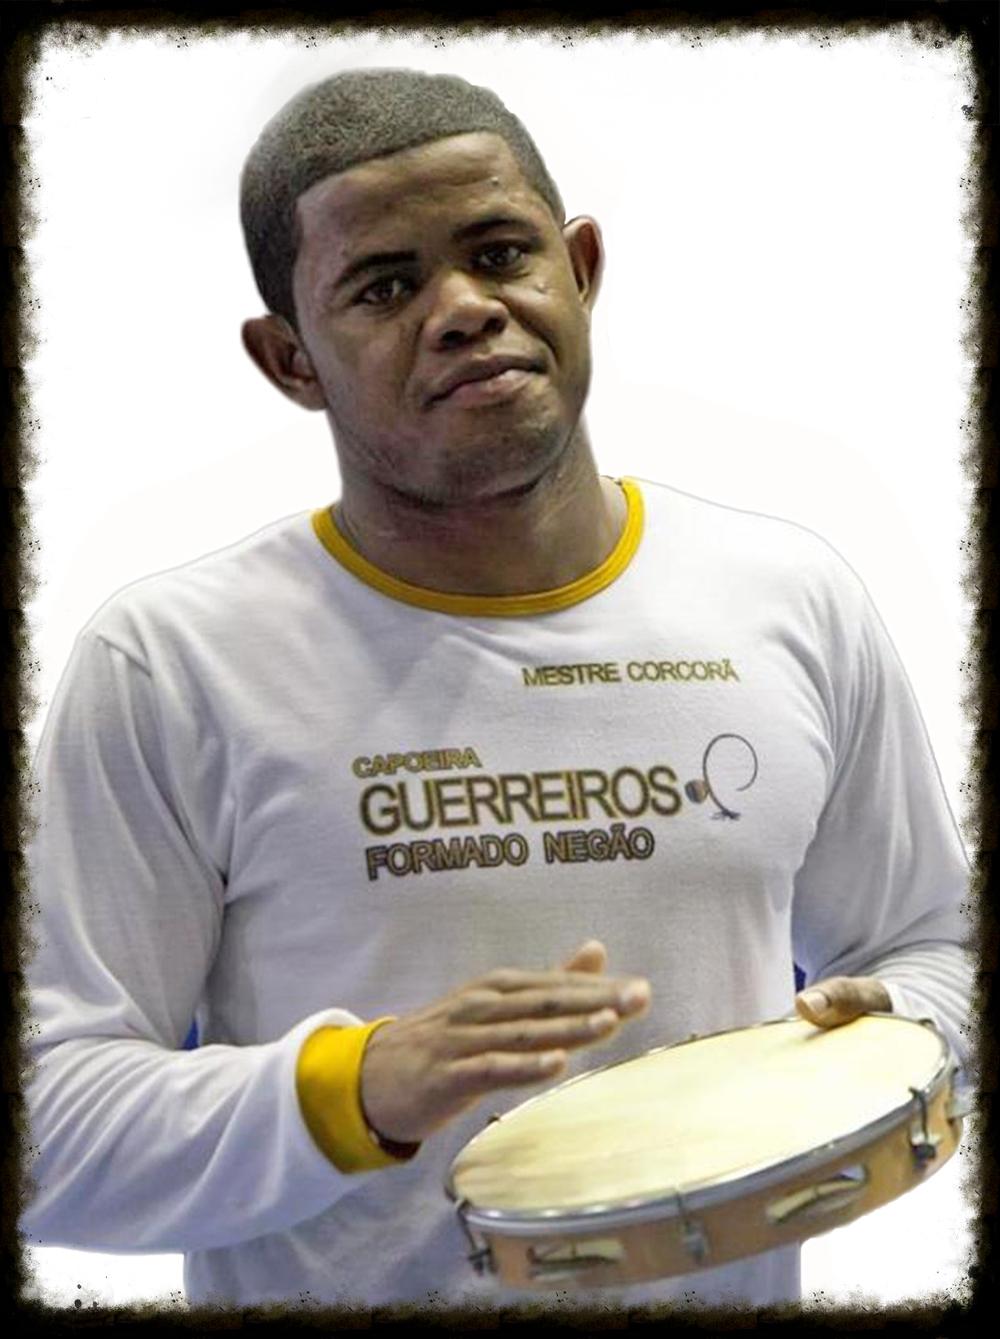 FORMADO NEGAO Capoeira Professor